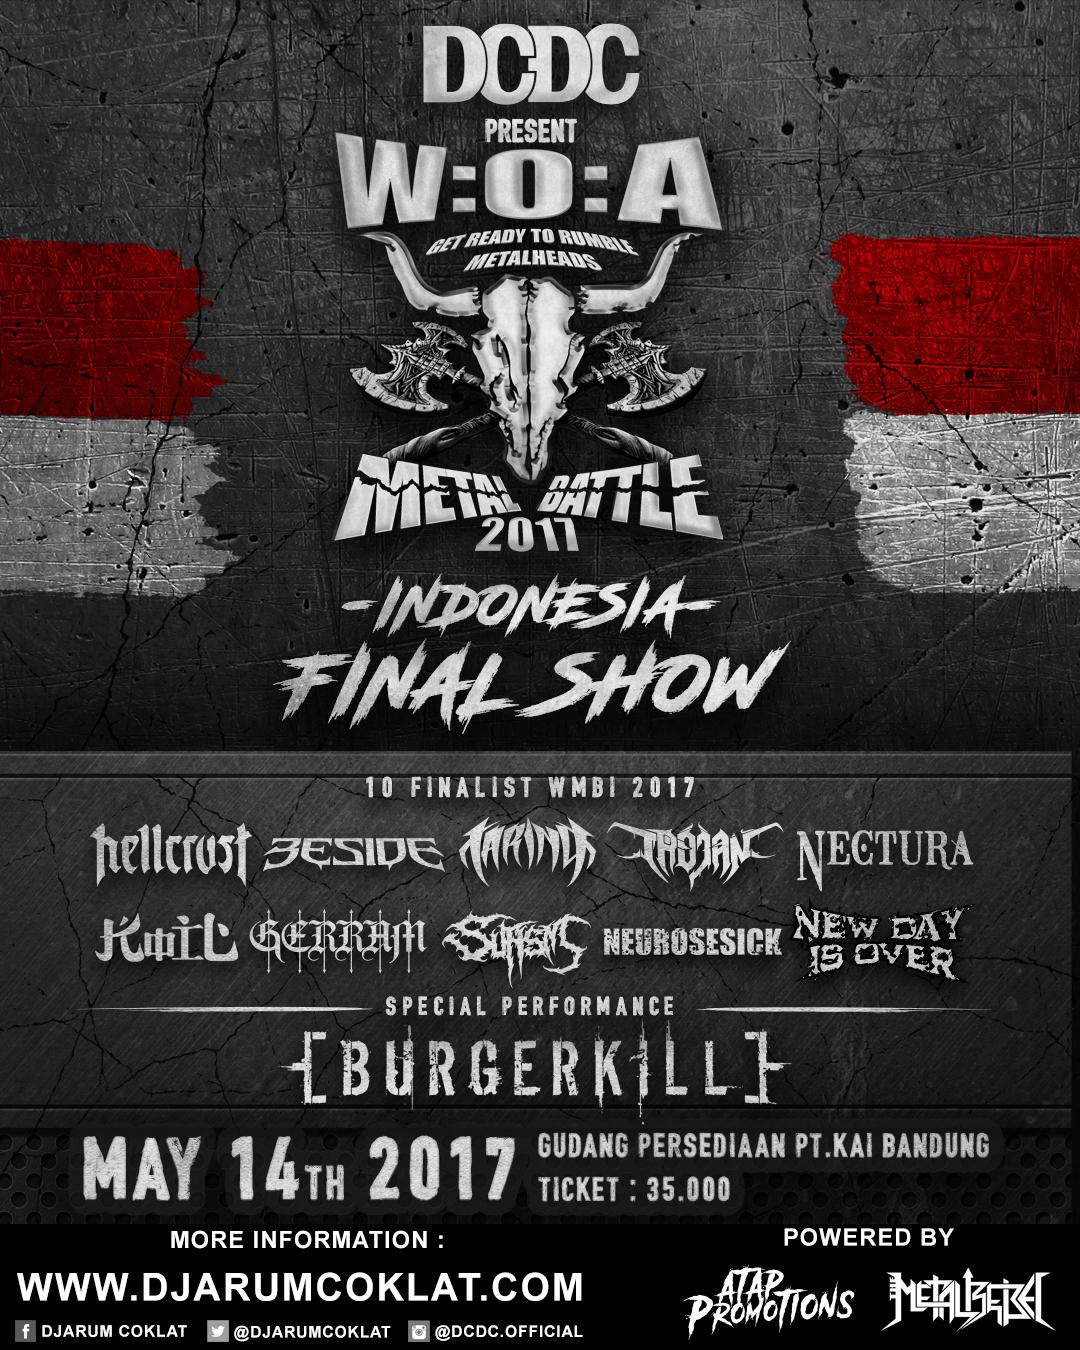 WMBI 2017 - Final Show